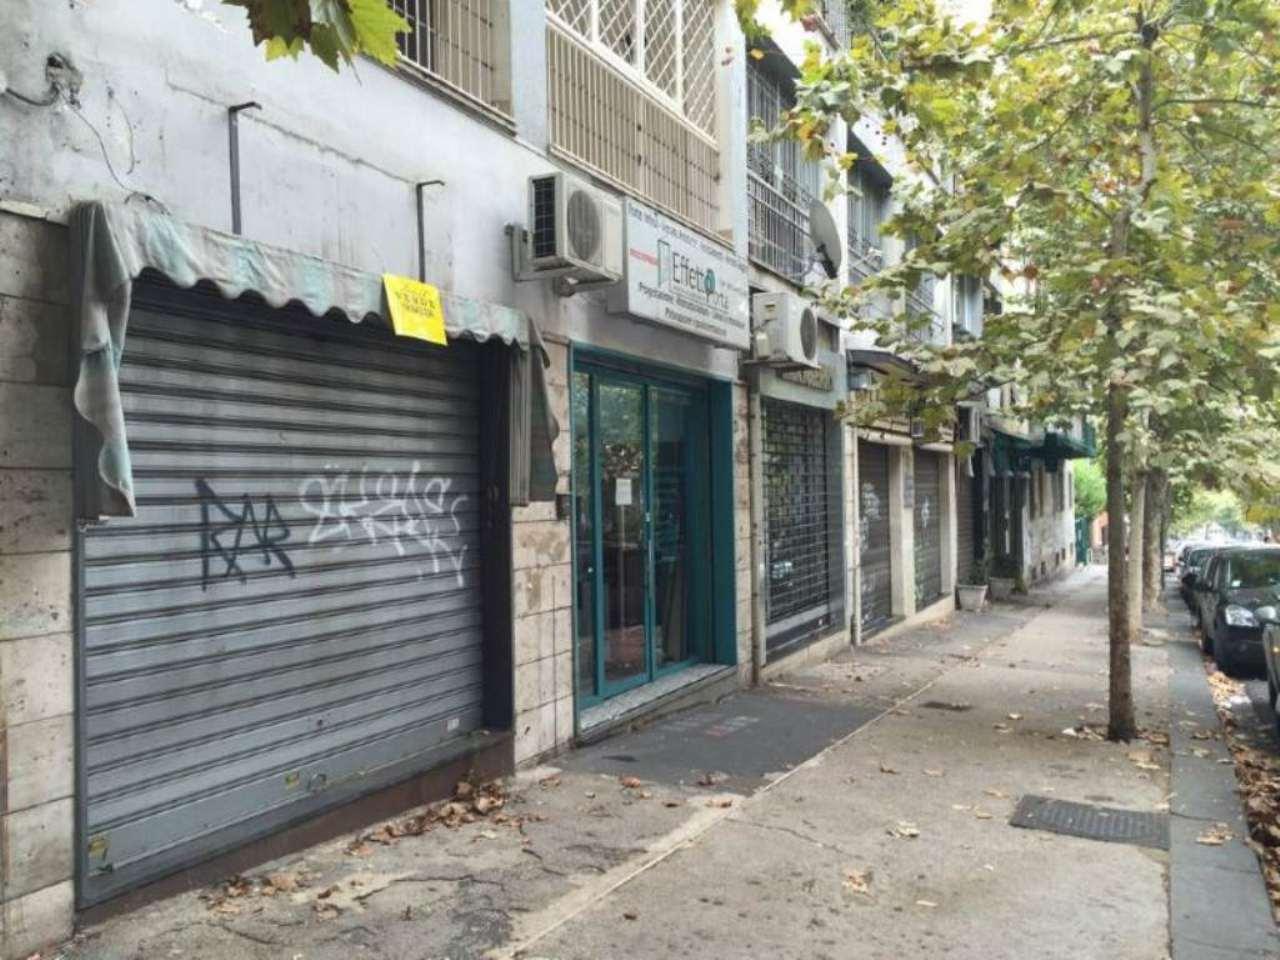 Negozio / Locale in vendita a Napoli, 2 locali, zona Zona: 5 . Vomero, Arenella, prezzo € 119.000 | Cambio Casa.it